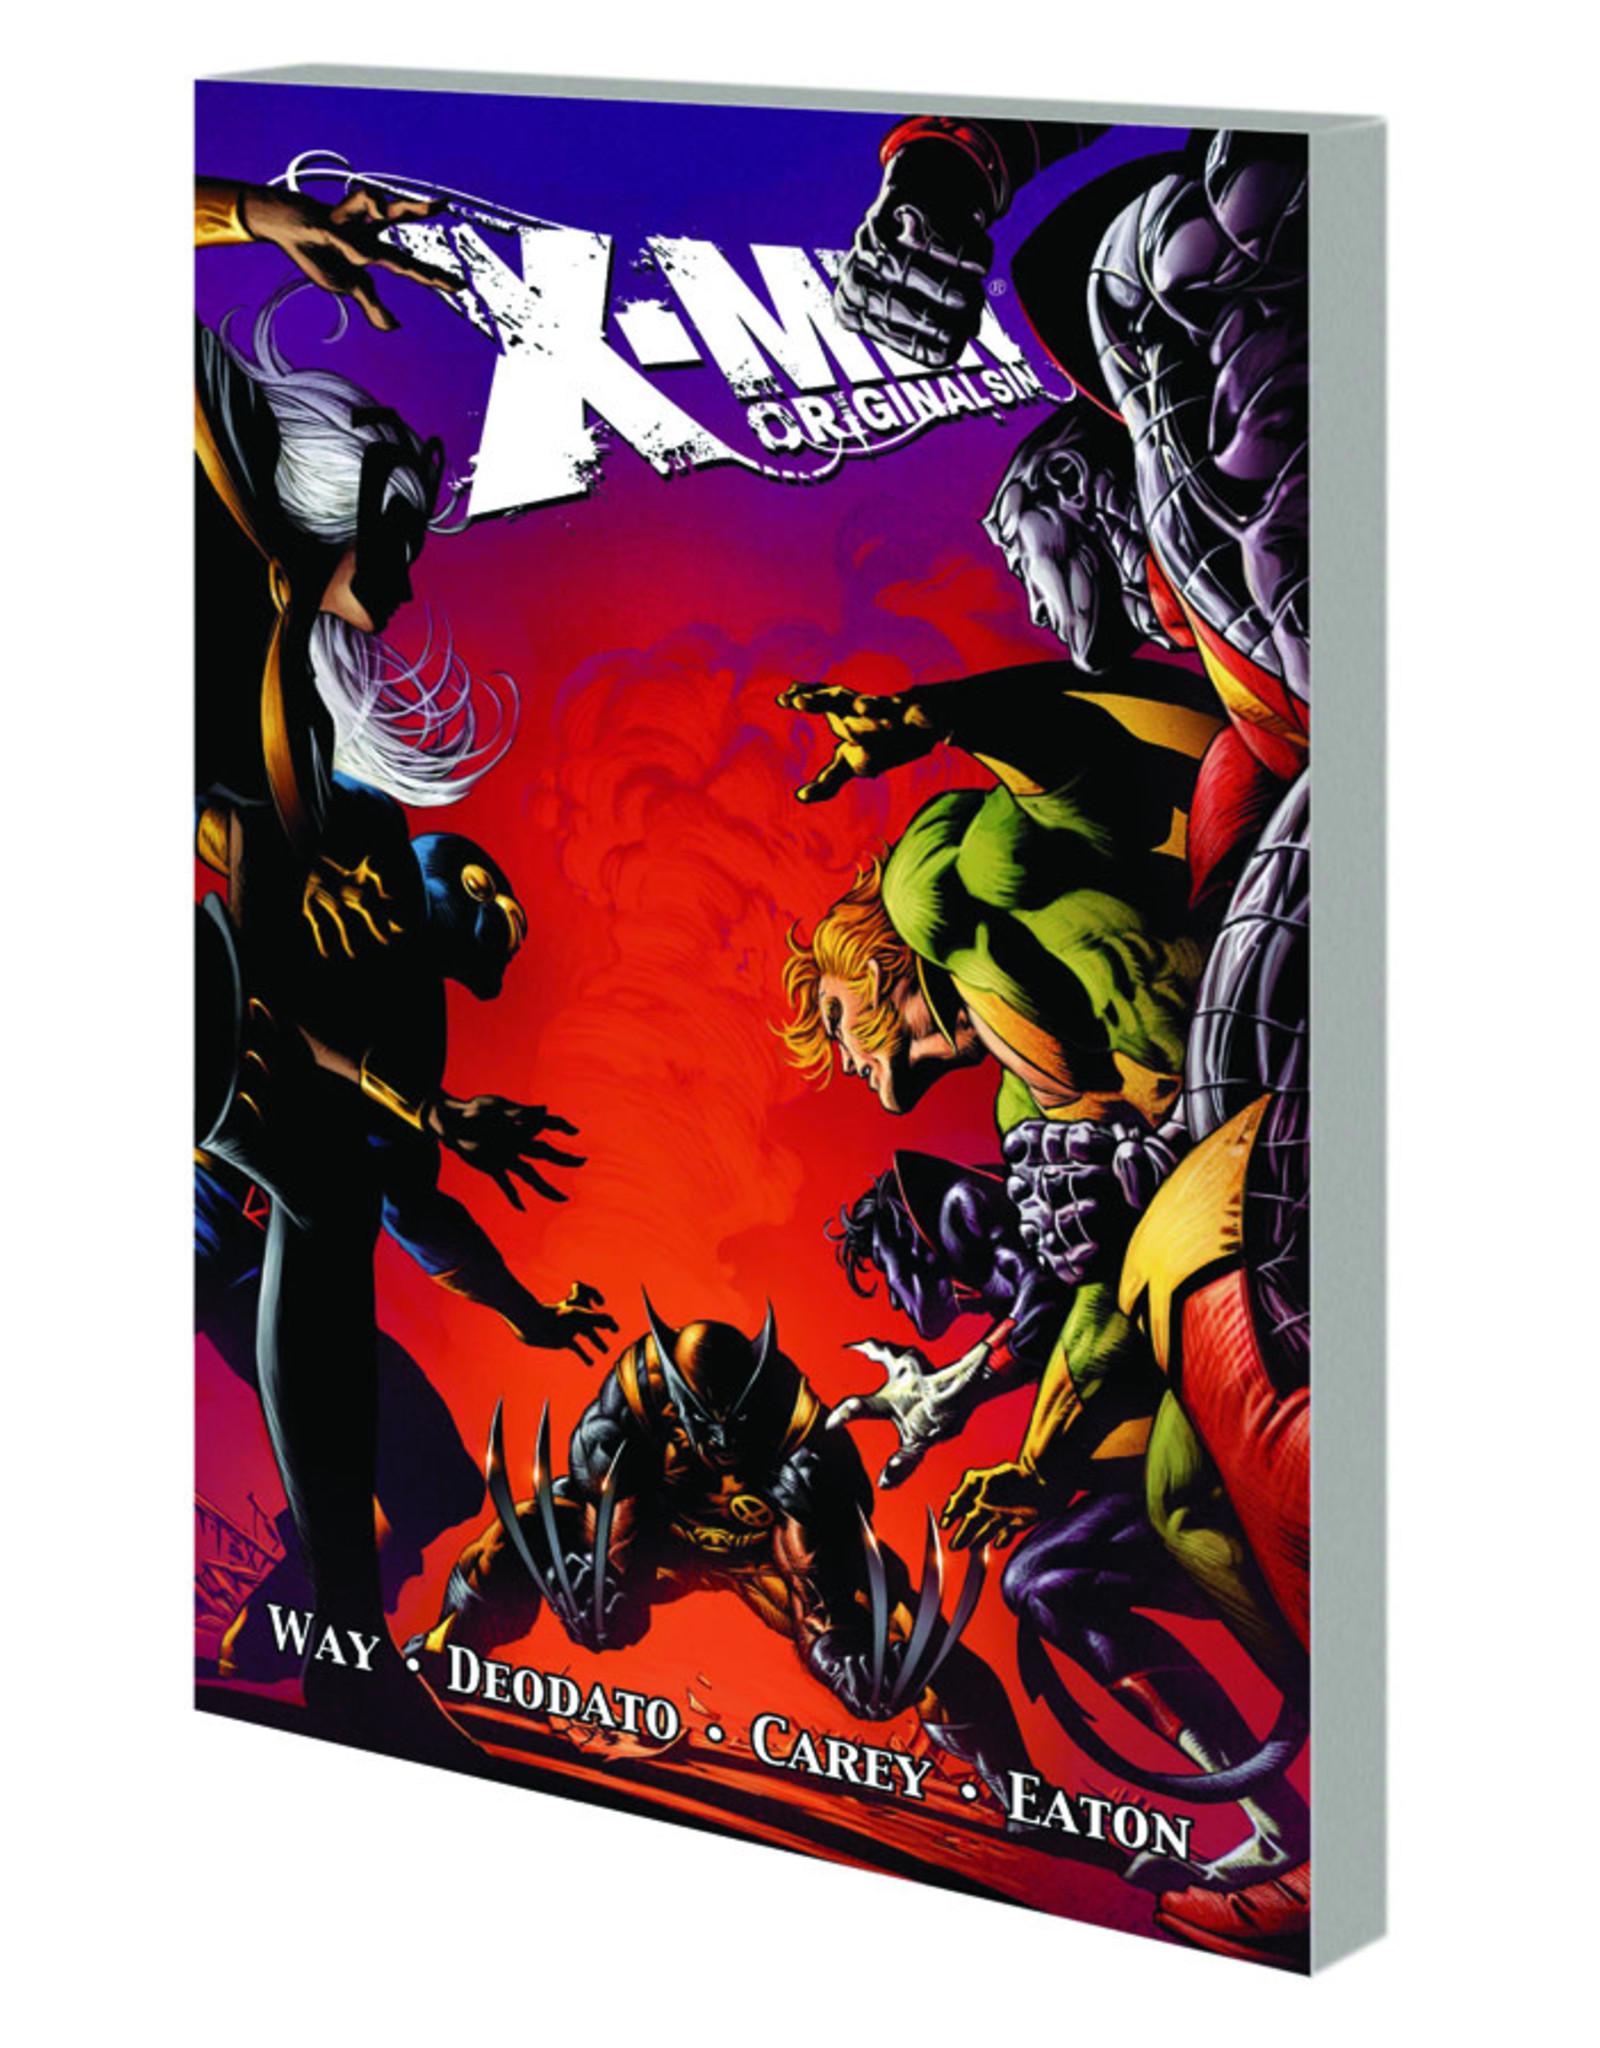 MARVEL COMICS X-MEN ORIGINAL SIN TP